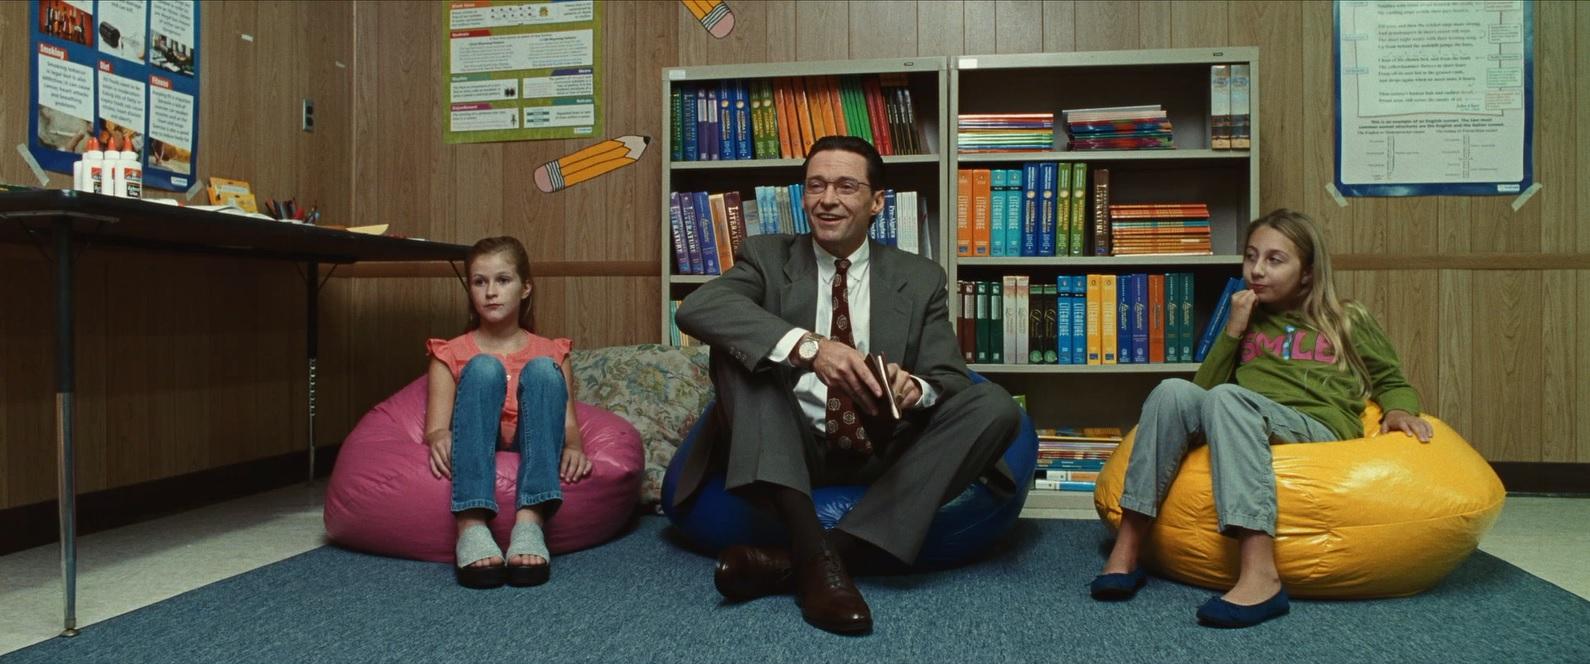 休傑克曼《壊教育》4月30日台灣全球唯一大銀幕上映